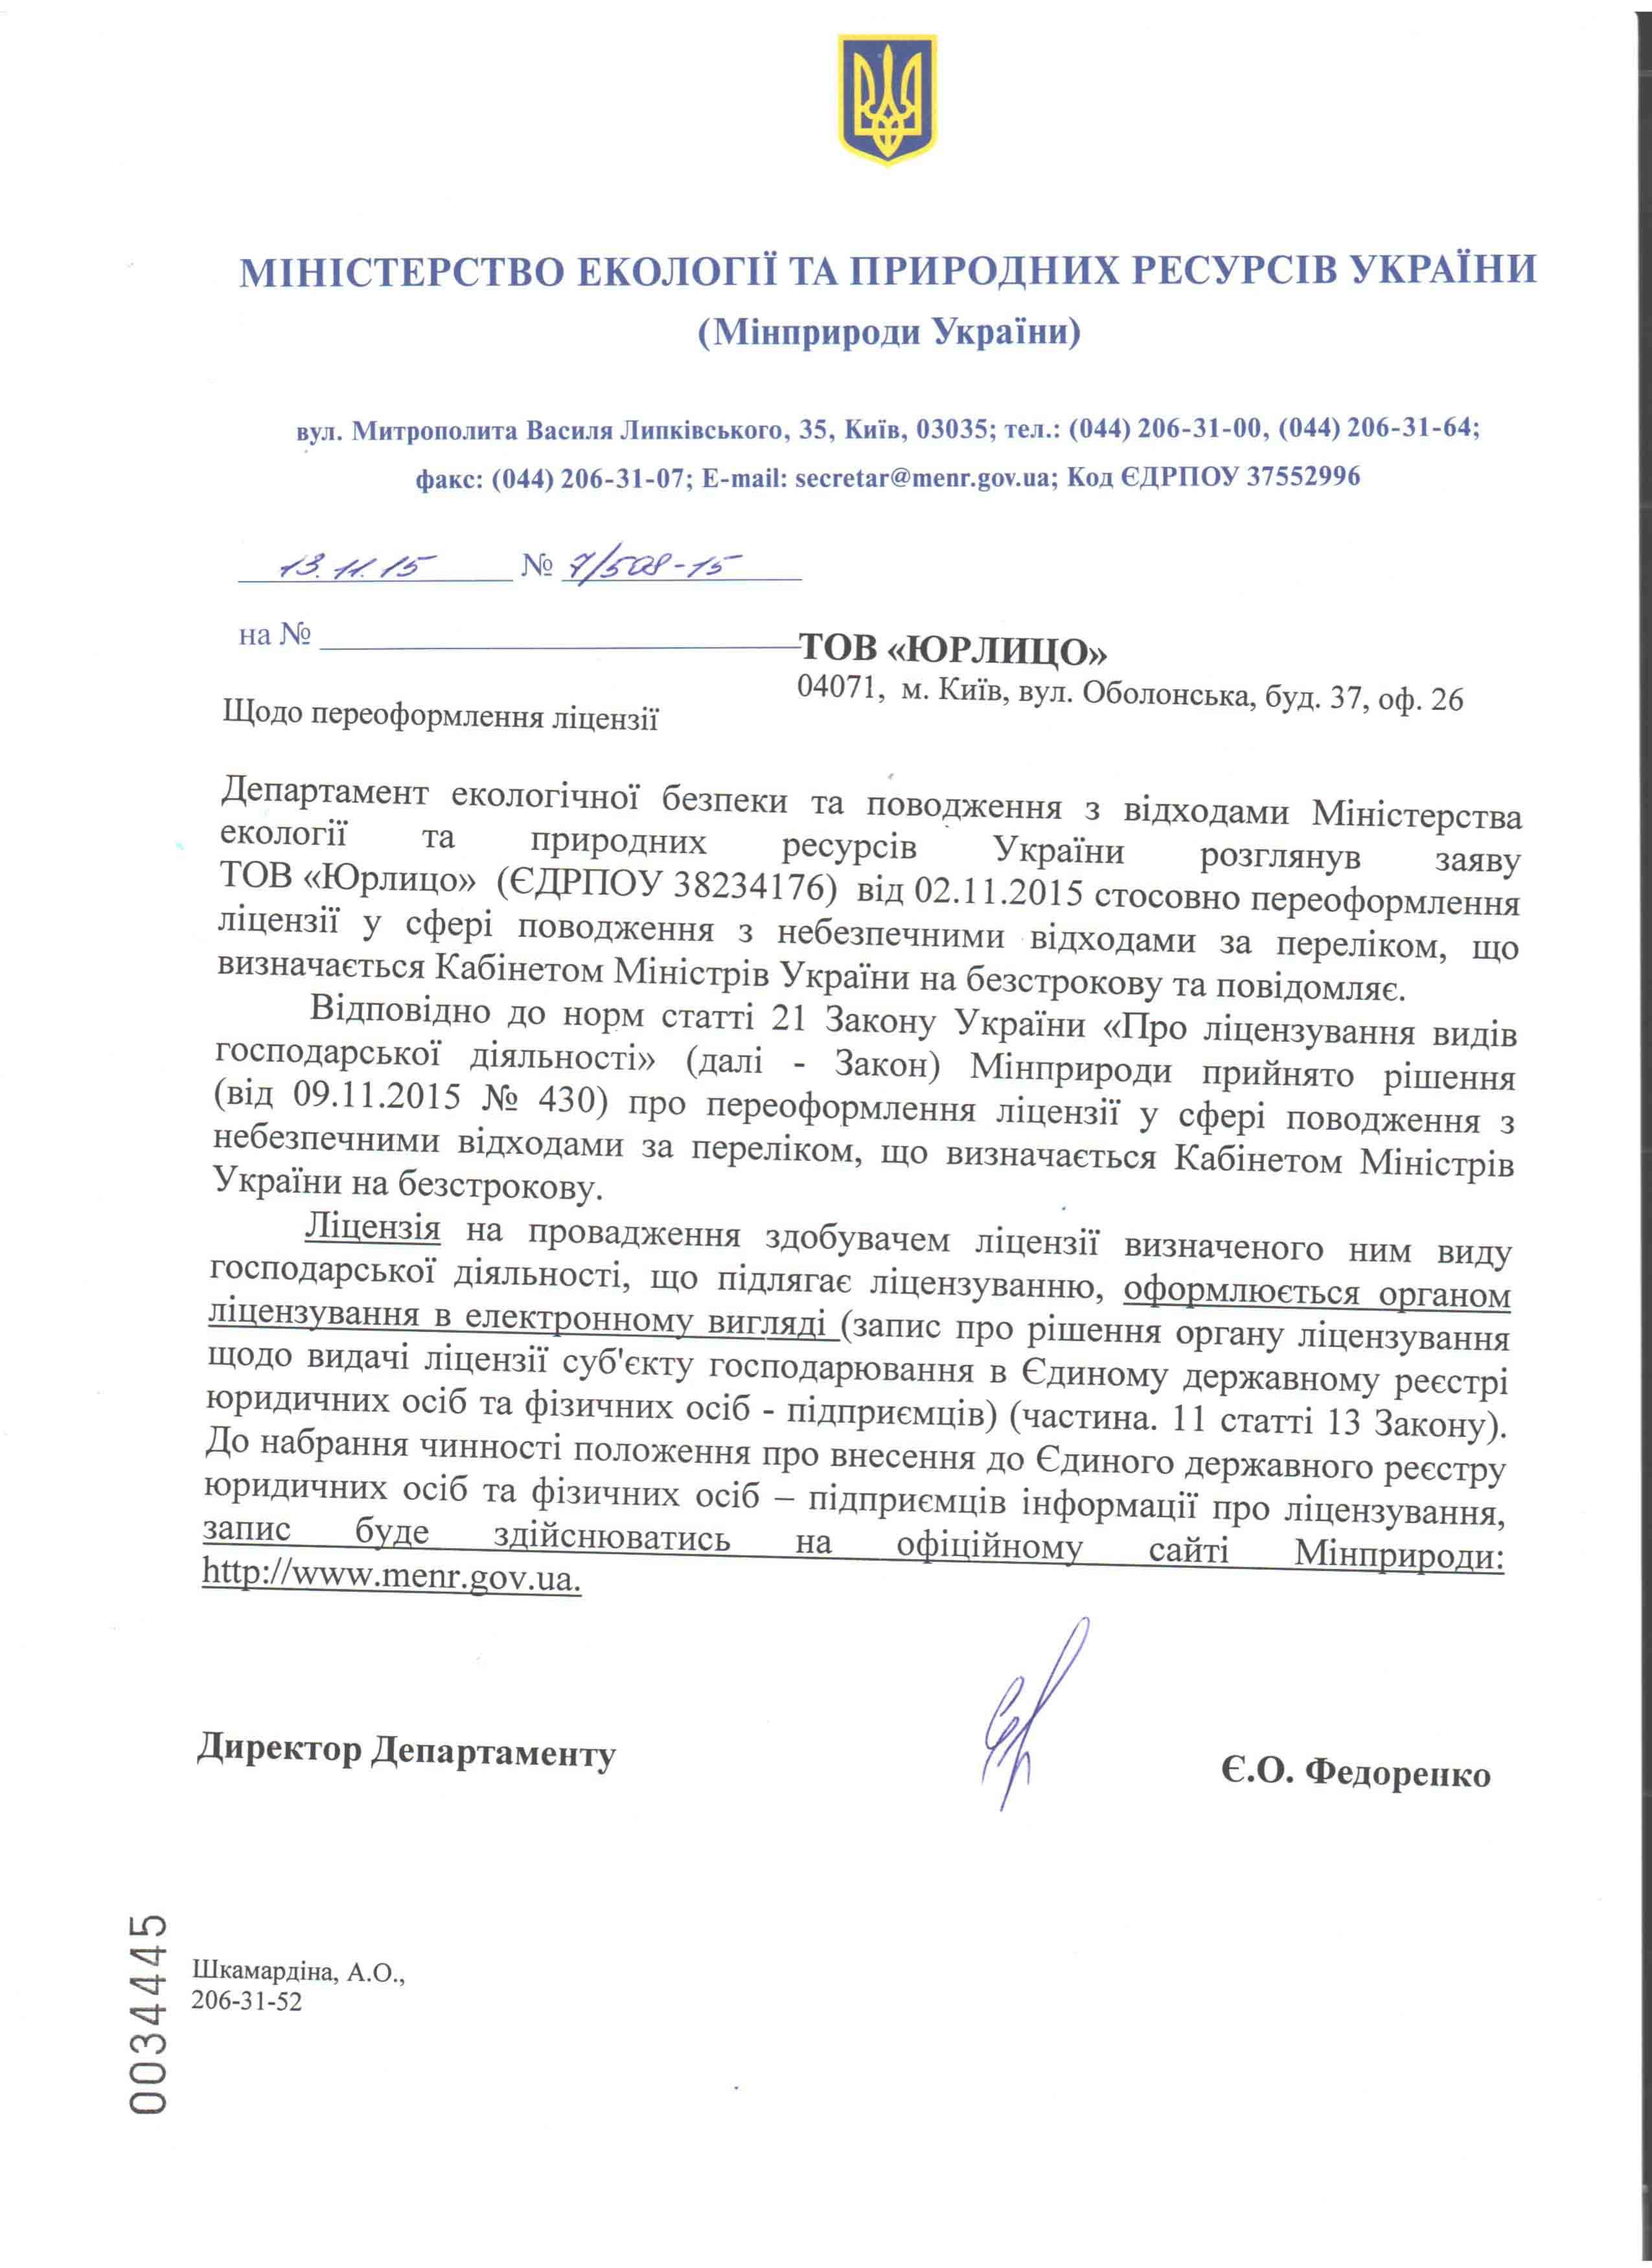 Письмо Минприроди про переоформление лицензии на бессрочную